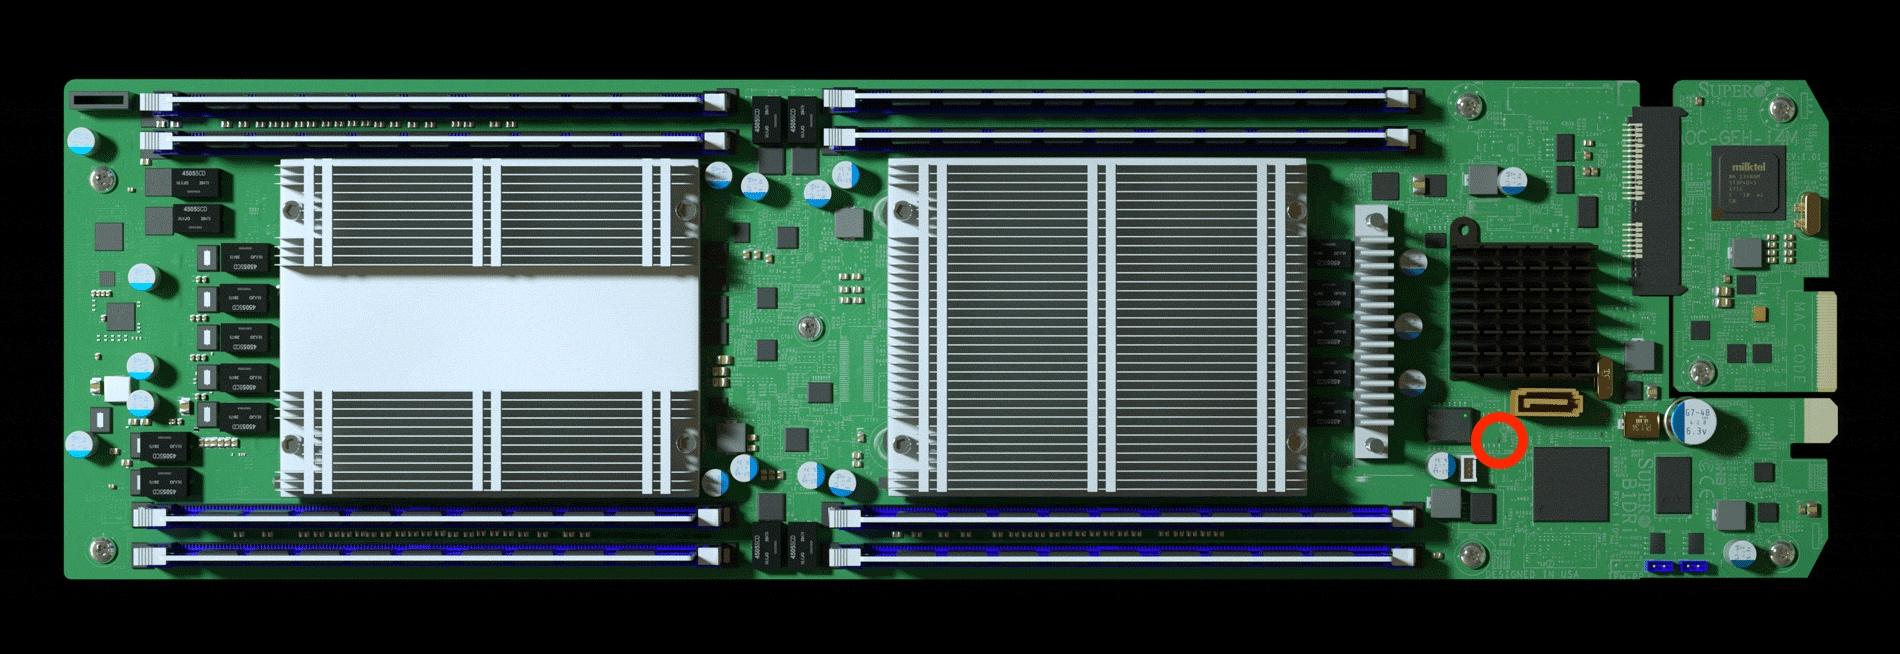 Материнская плата Supermicro, красным отмечен лишний чип